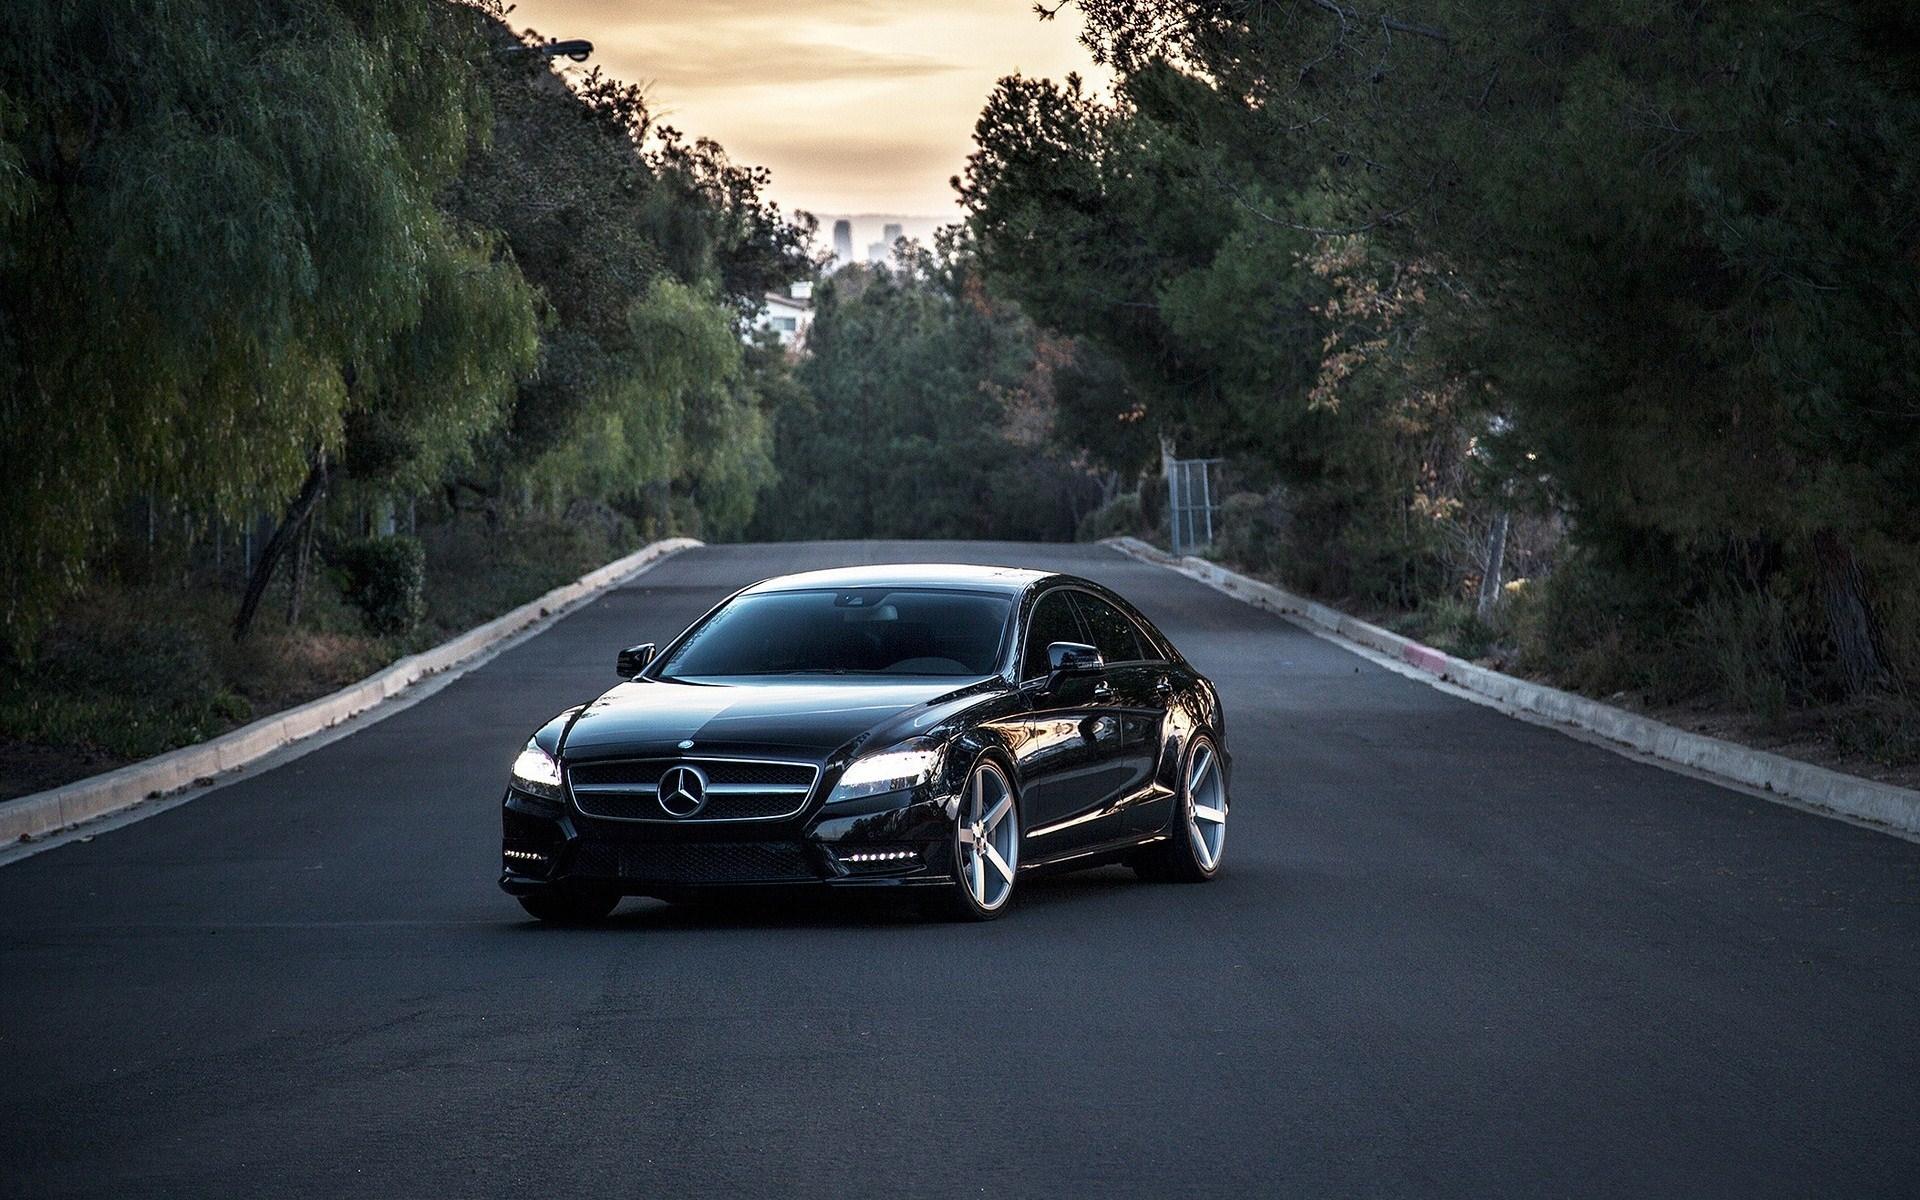 Mercedes Benz Black 1 Widescreen Car Wallpaper Carwallpapersfordesktop Org